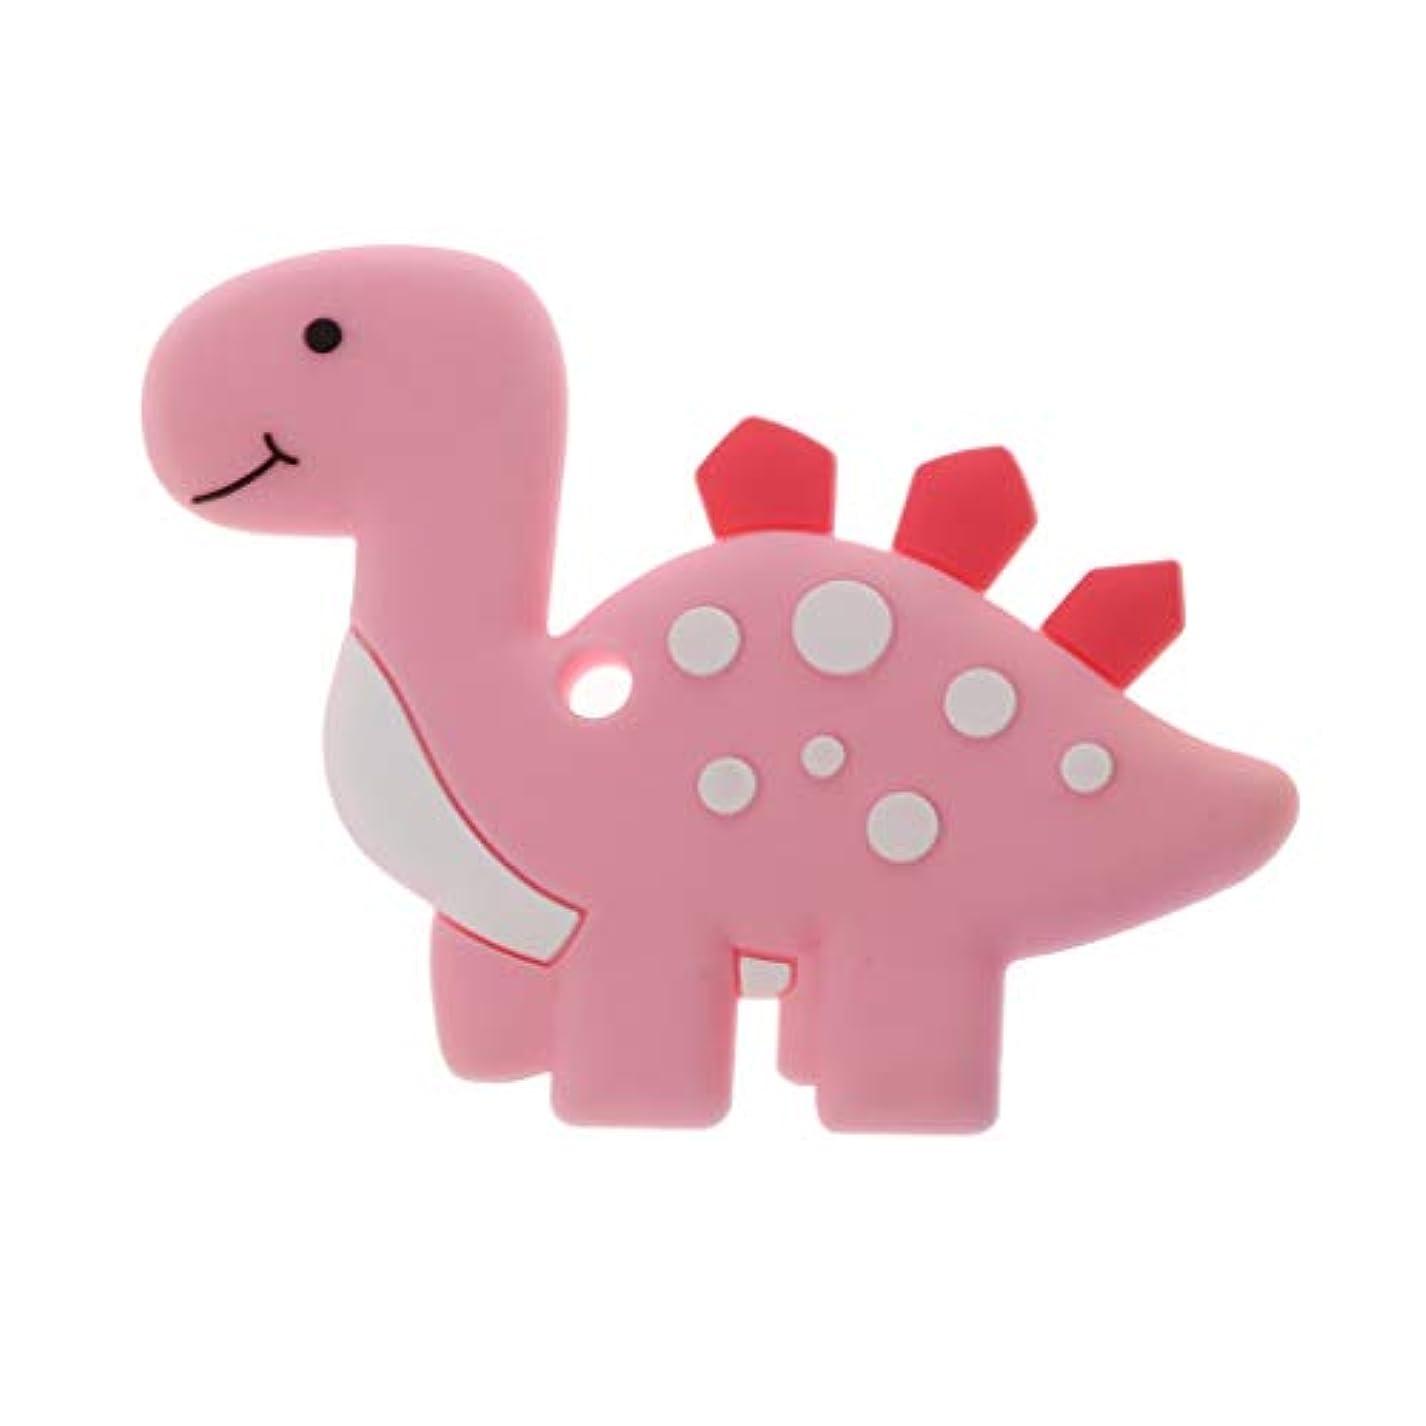 弾力性のあるバックアップ骨折Landdumシリコーンおしゃぶり恐竜おしゃべり赤ちゃん看護玩具かむ玩具歯が生えるガラガラおもちゃ - ロイヤルブルー